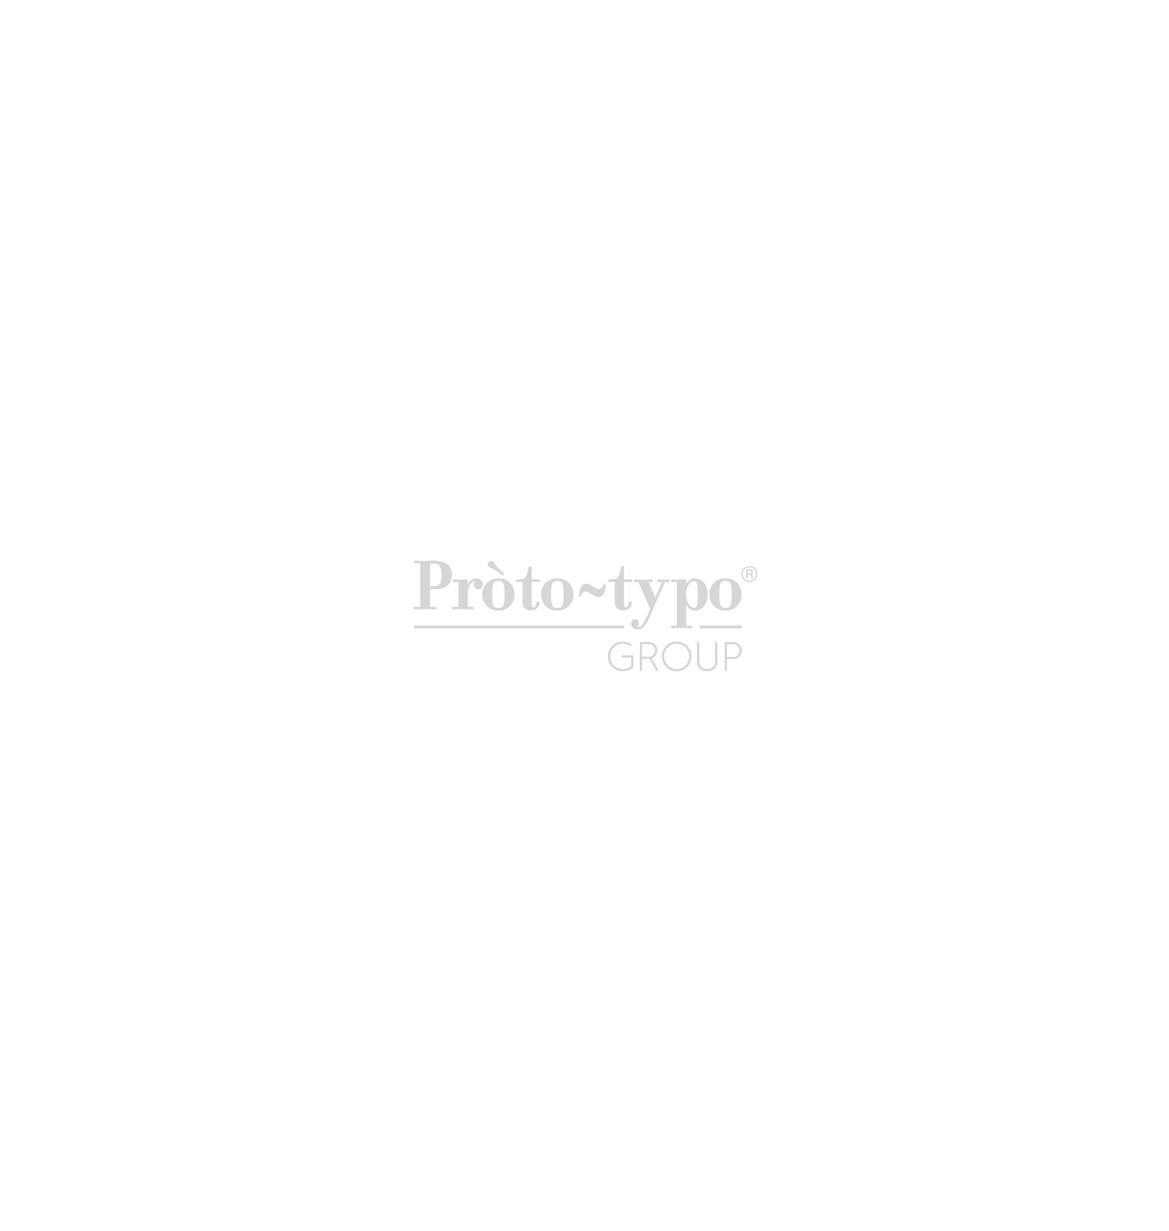 prototypo-group.jpg